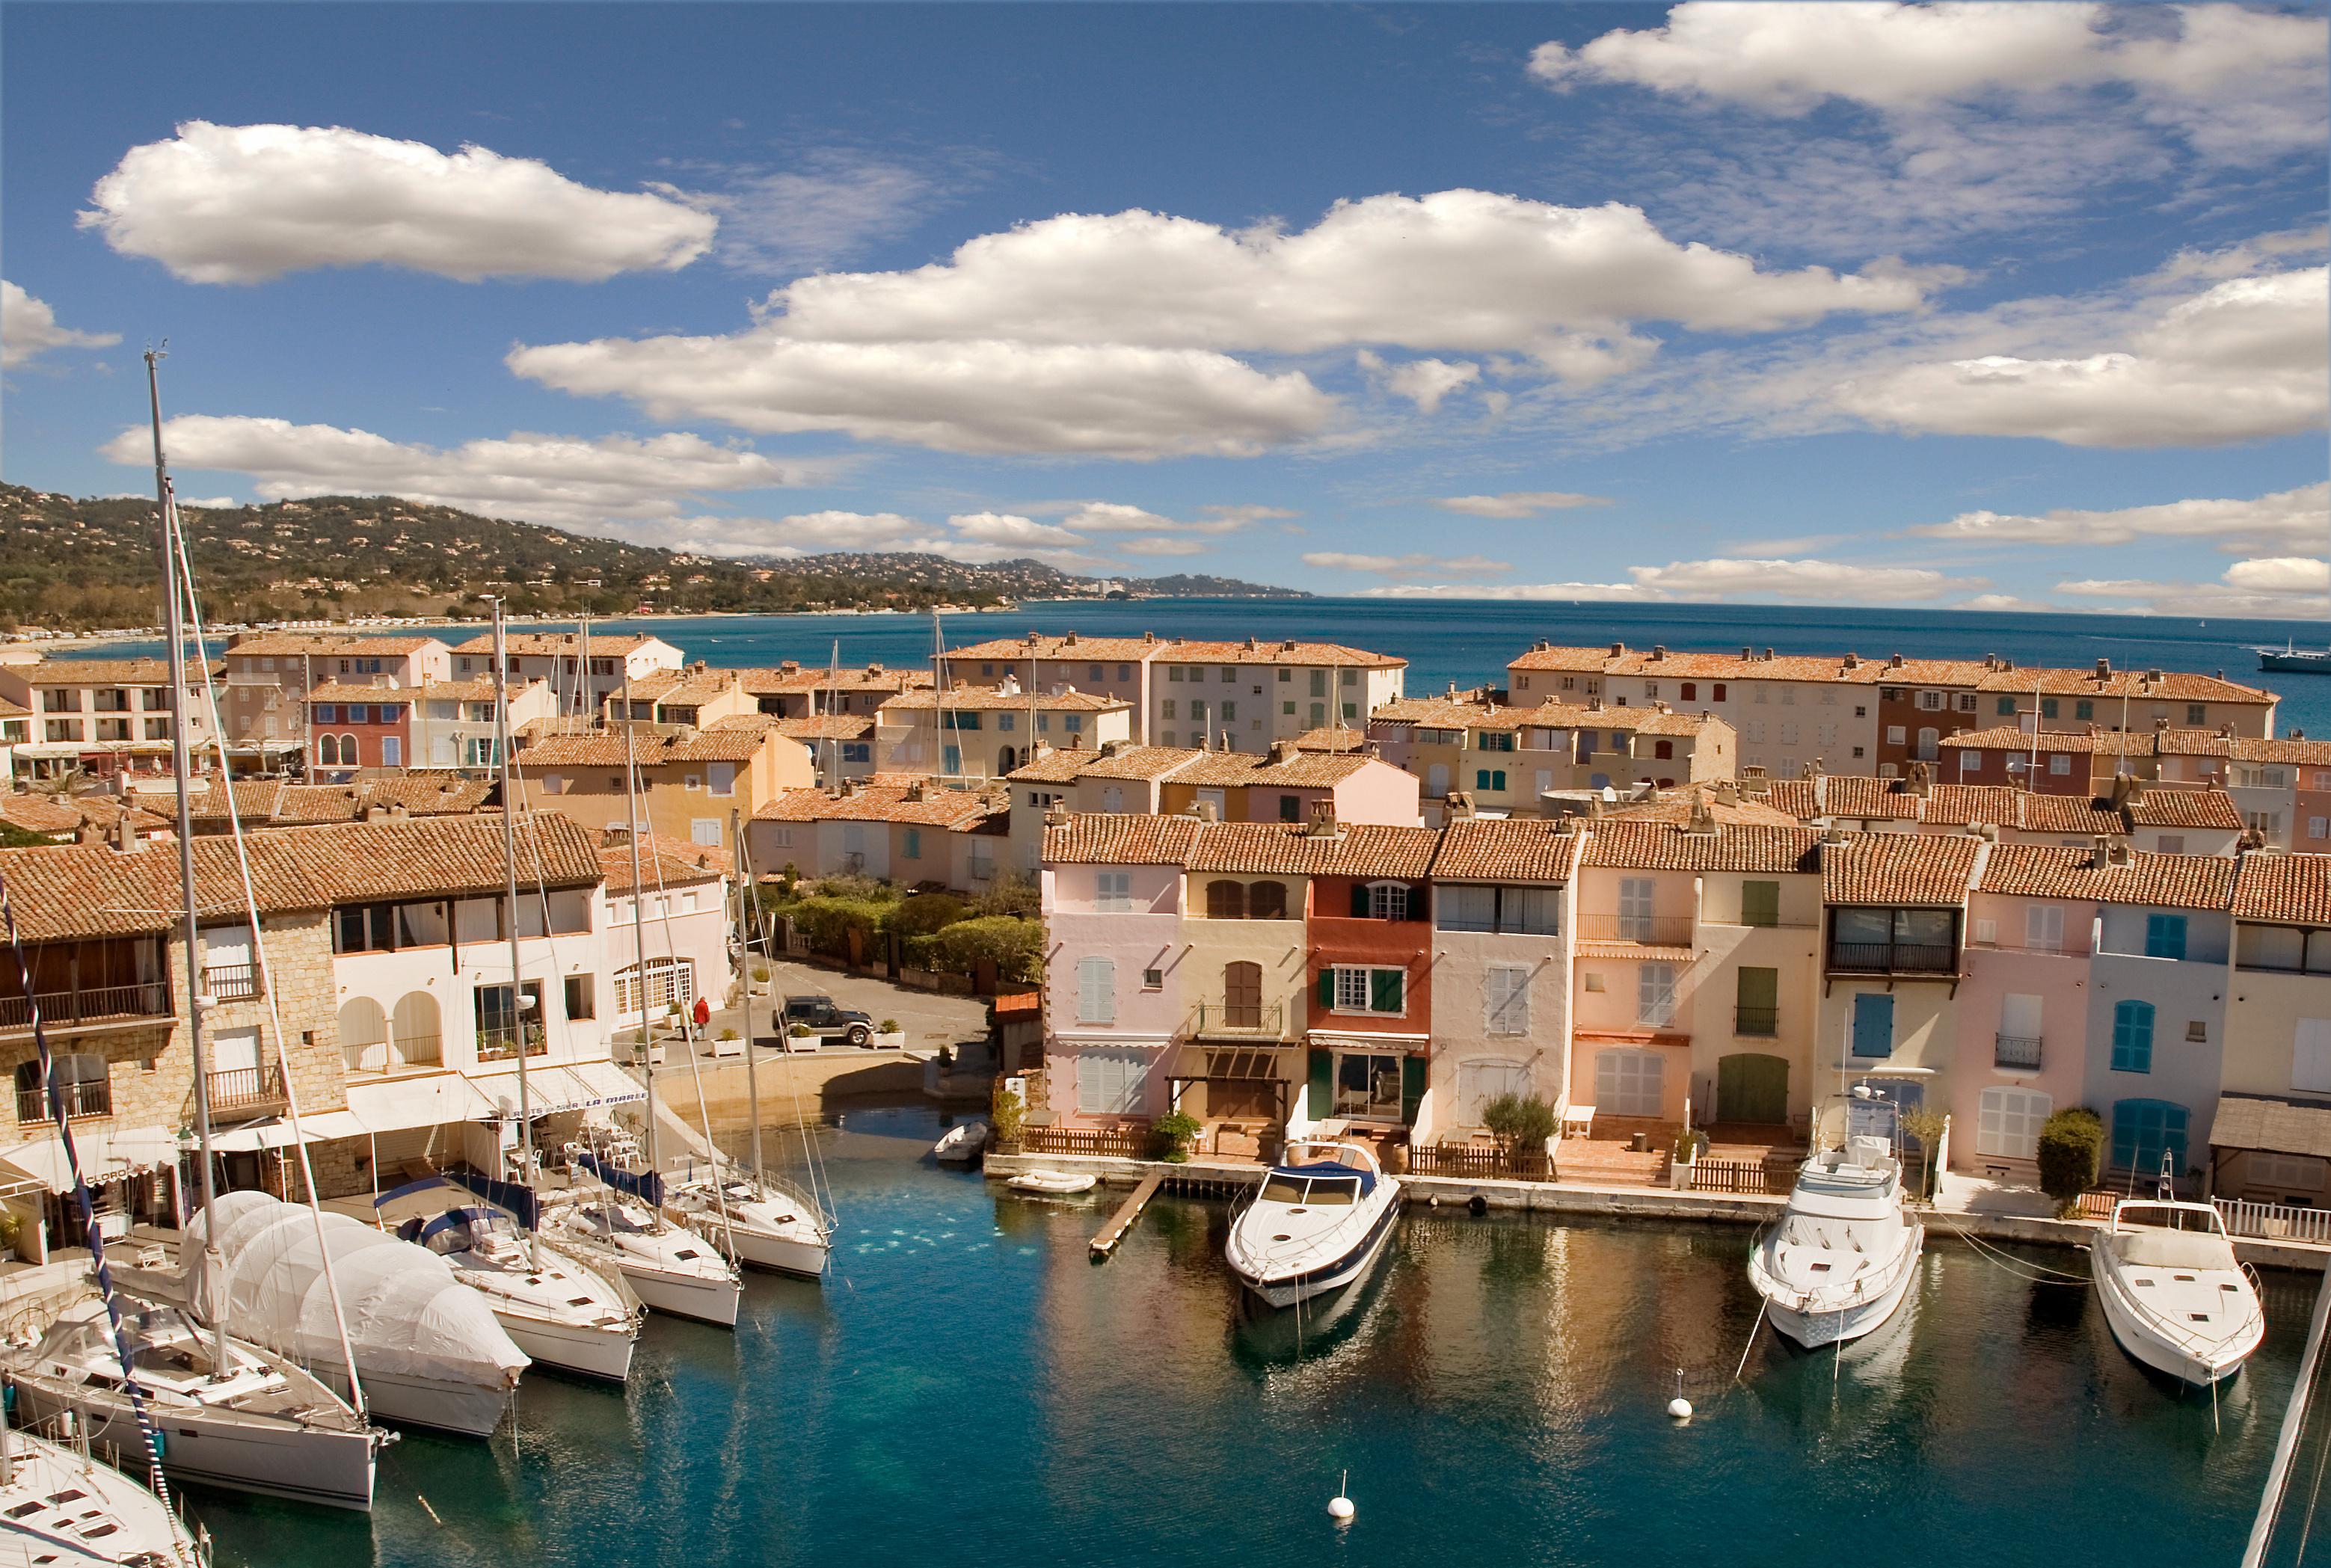 Vacances-Port-Grimaud